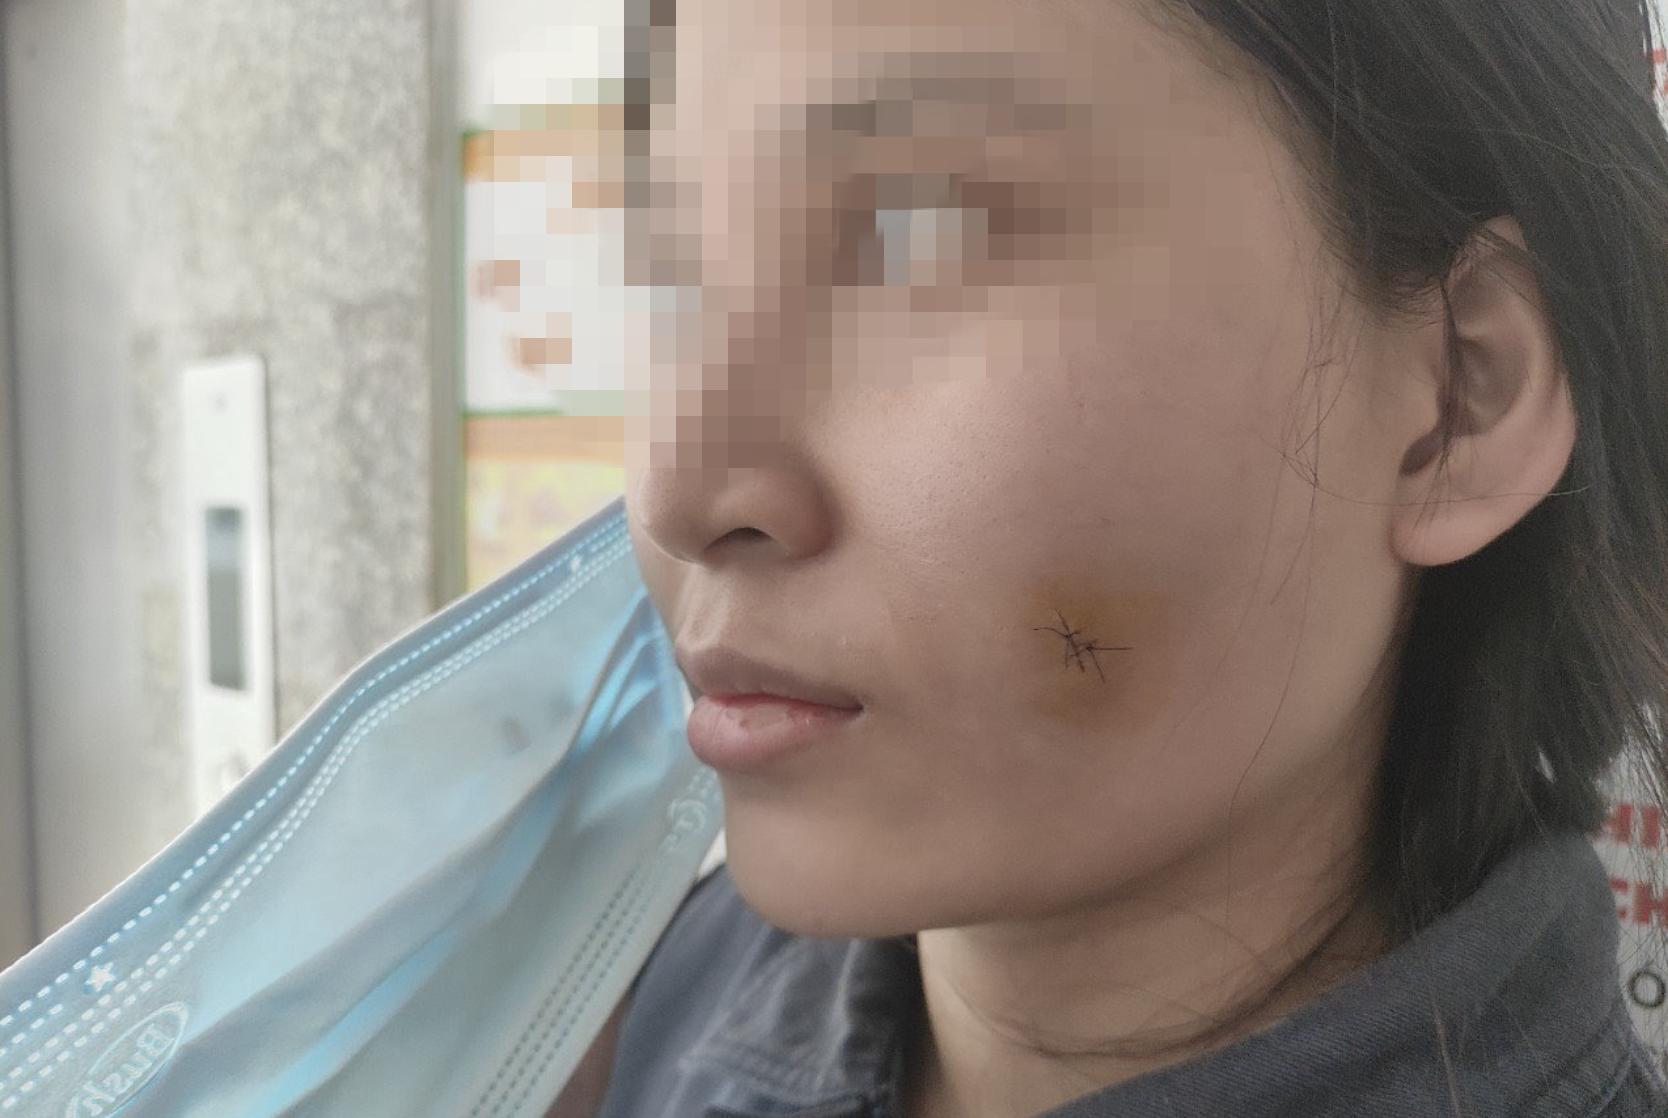 Tiêm filler 1.7 triệu/cc tại cơ sở thẩm mỹ, má cô gái sưng vù nhiễm trùng nặng nề-2